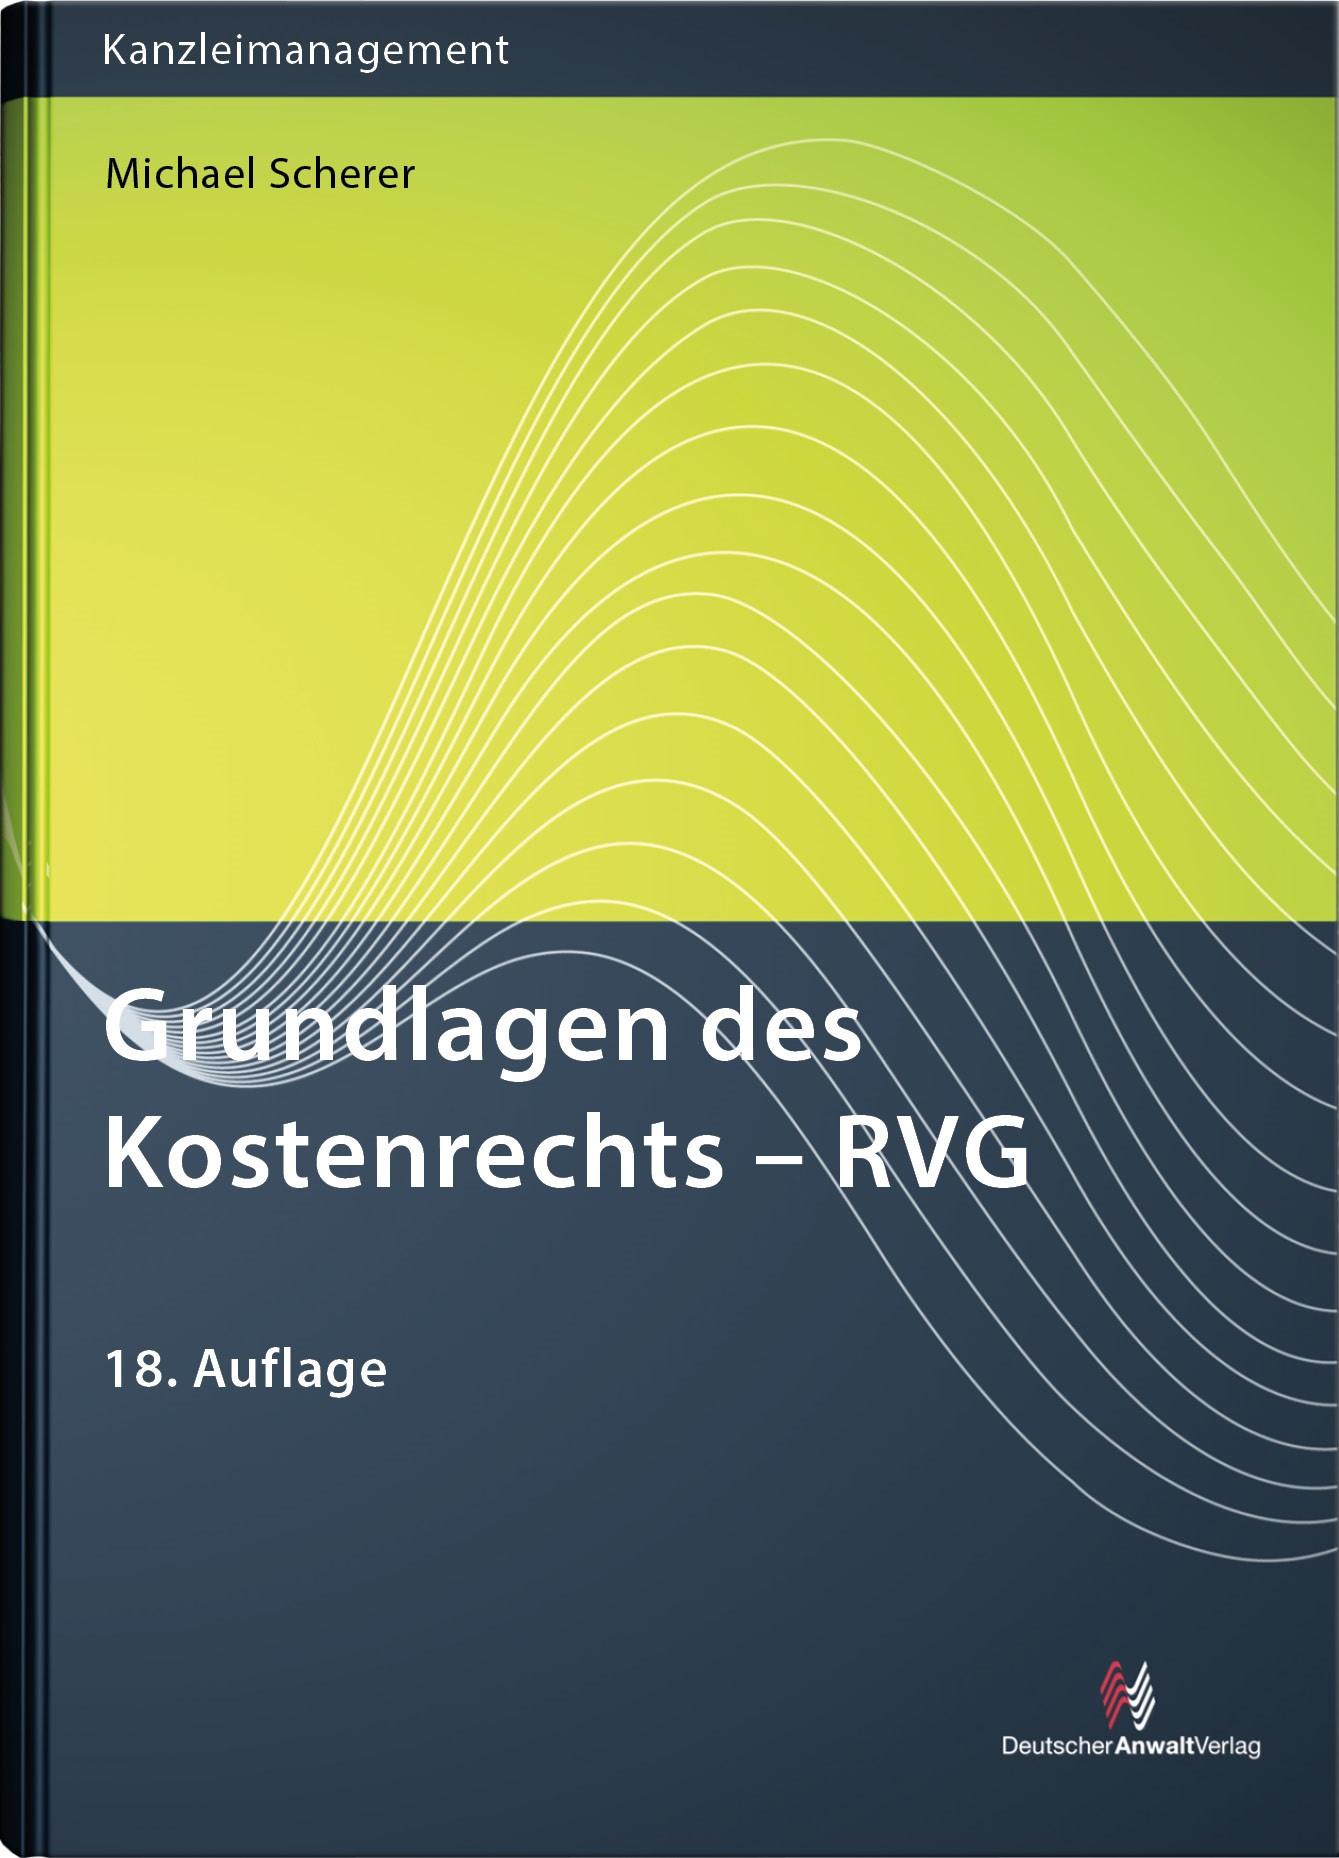 Grundlagen des Kostenrechts - RVG | Scherer | 18. Auflage, 2017 | Buch (Cover)